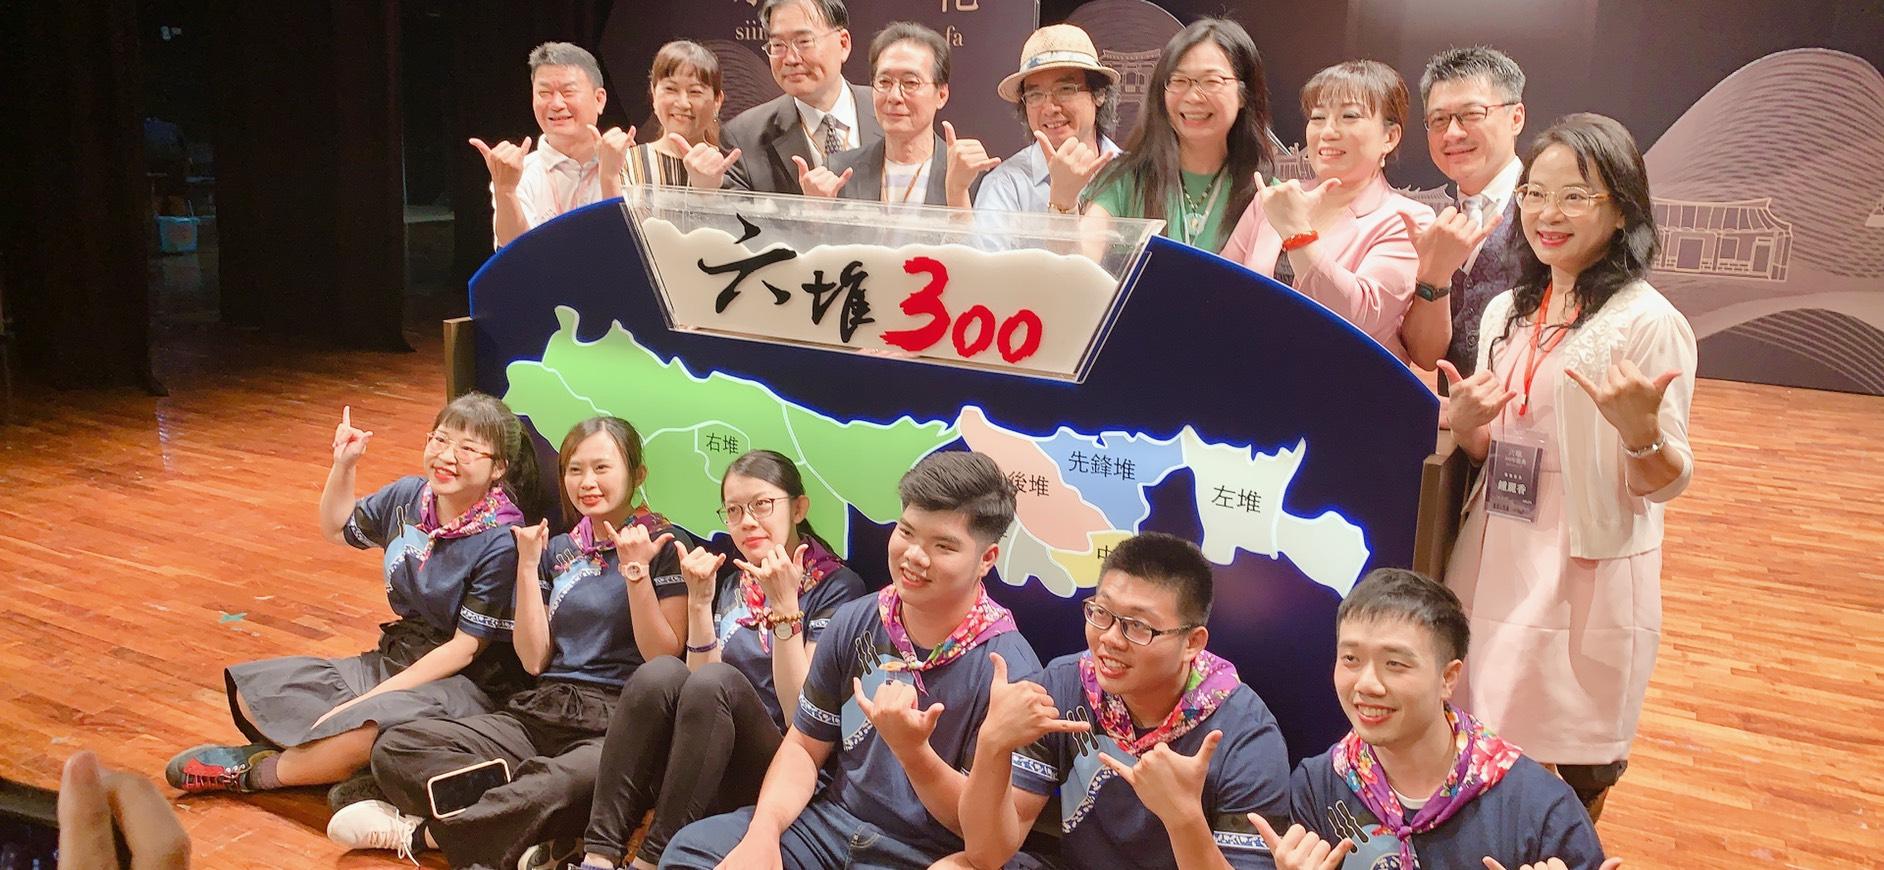 明年六堆300年慶典暖身起跑 楊長鎮宣告文化傳承族群共榮